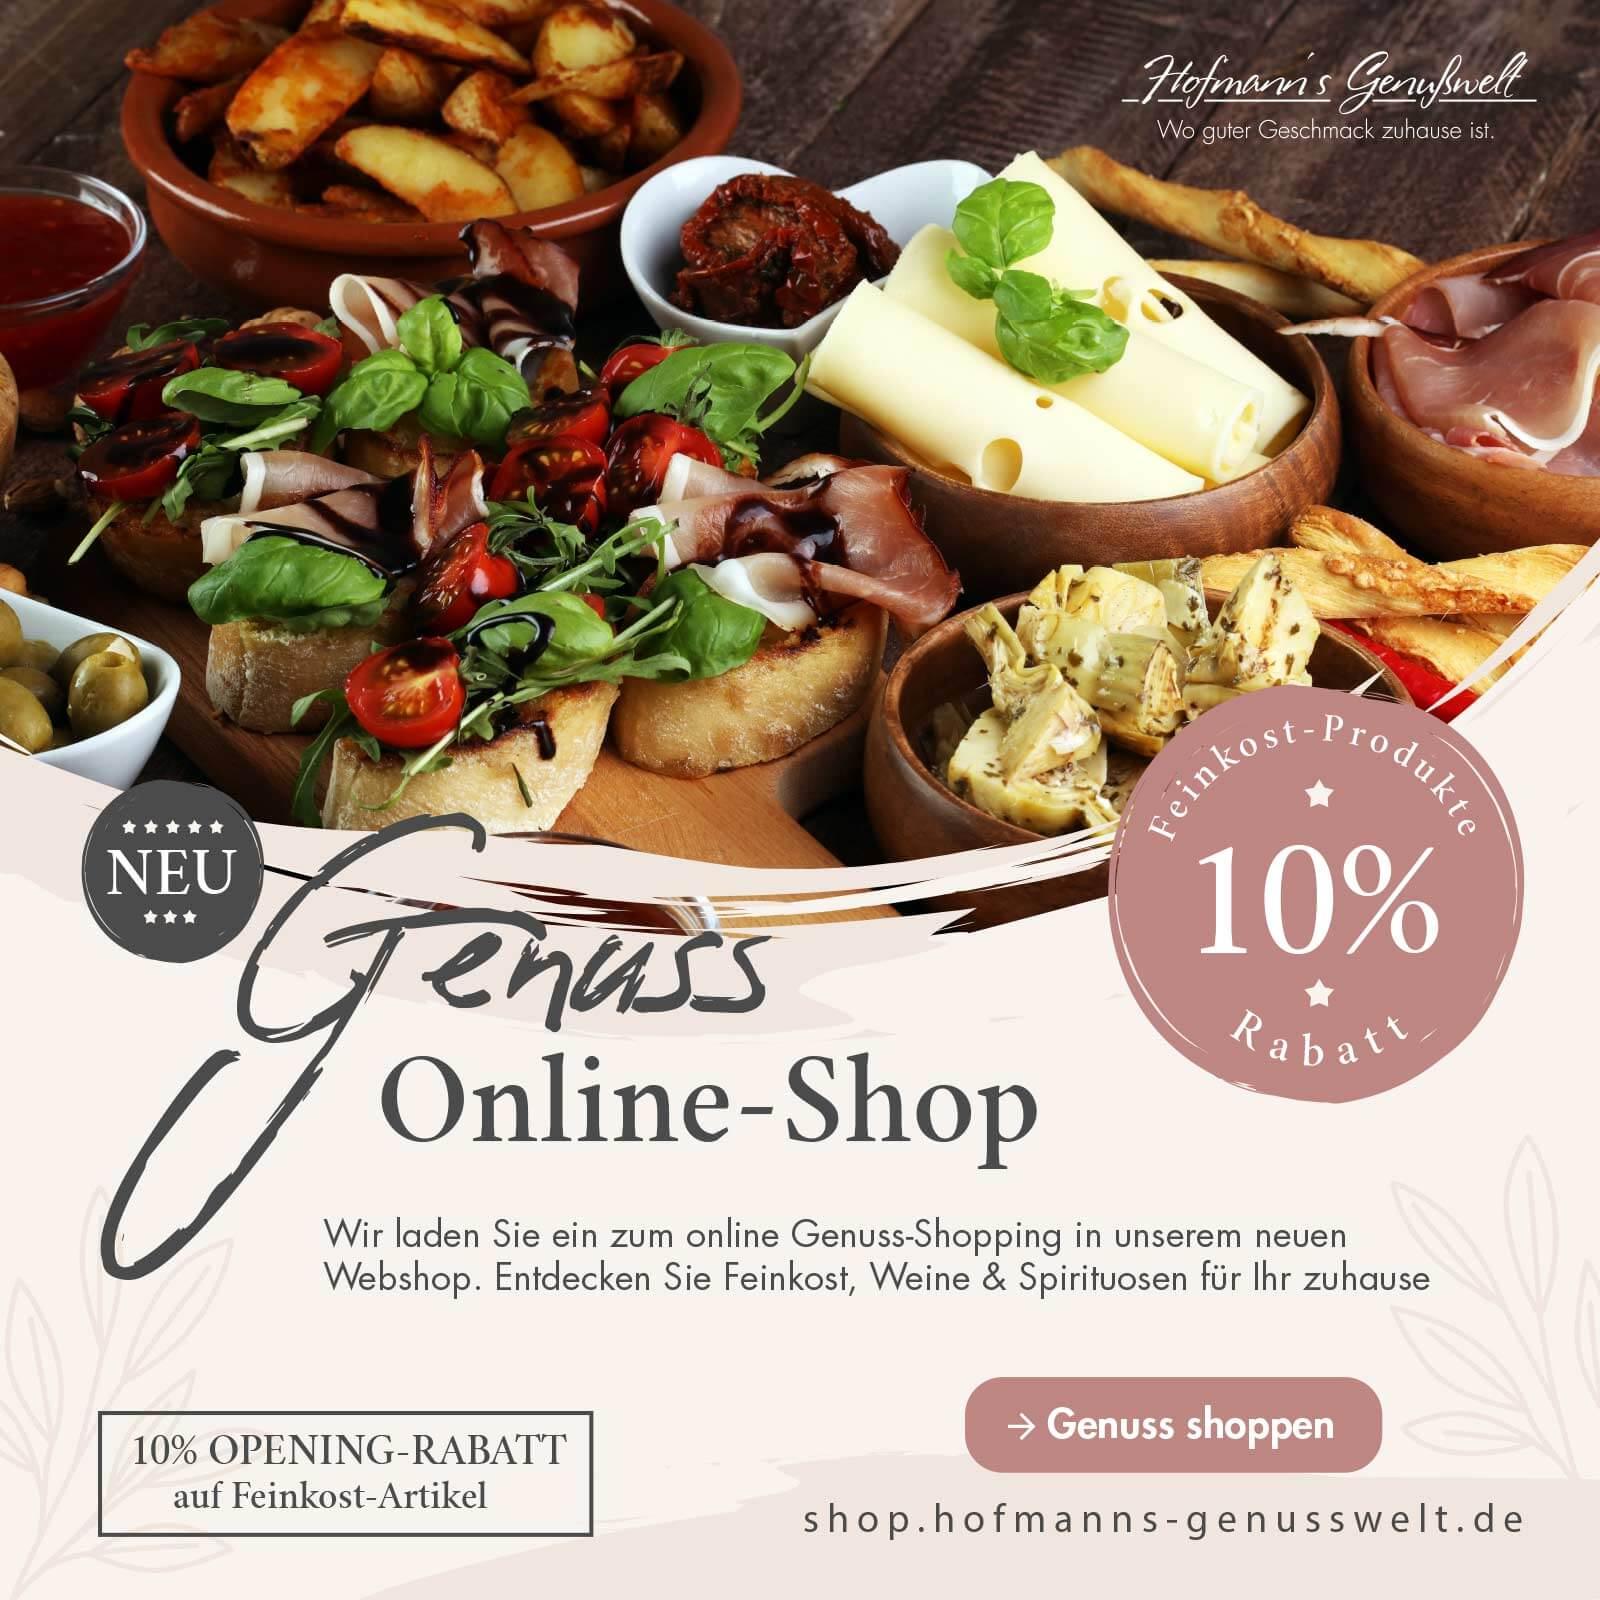 NEU: Hofmann´s Genuss Onlineshop - 10% Rabatt auf Feinkost Produkte zum Start